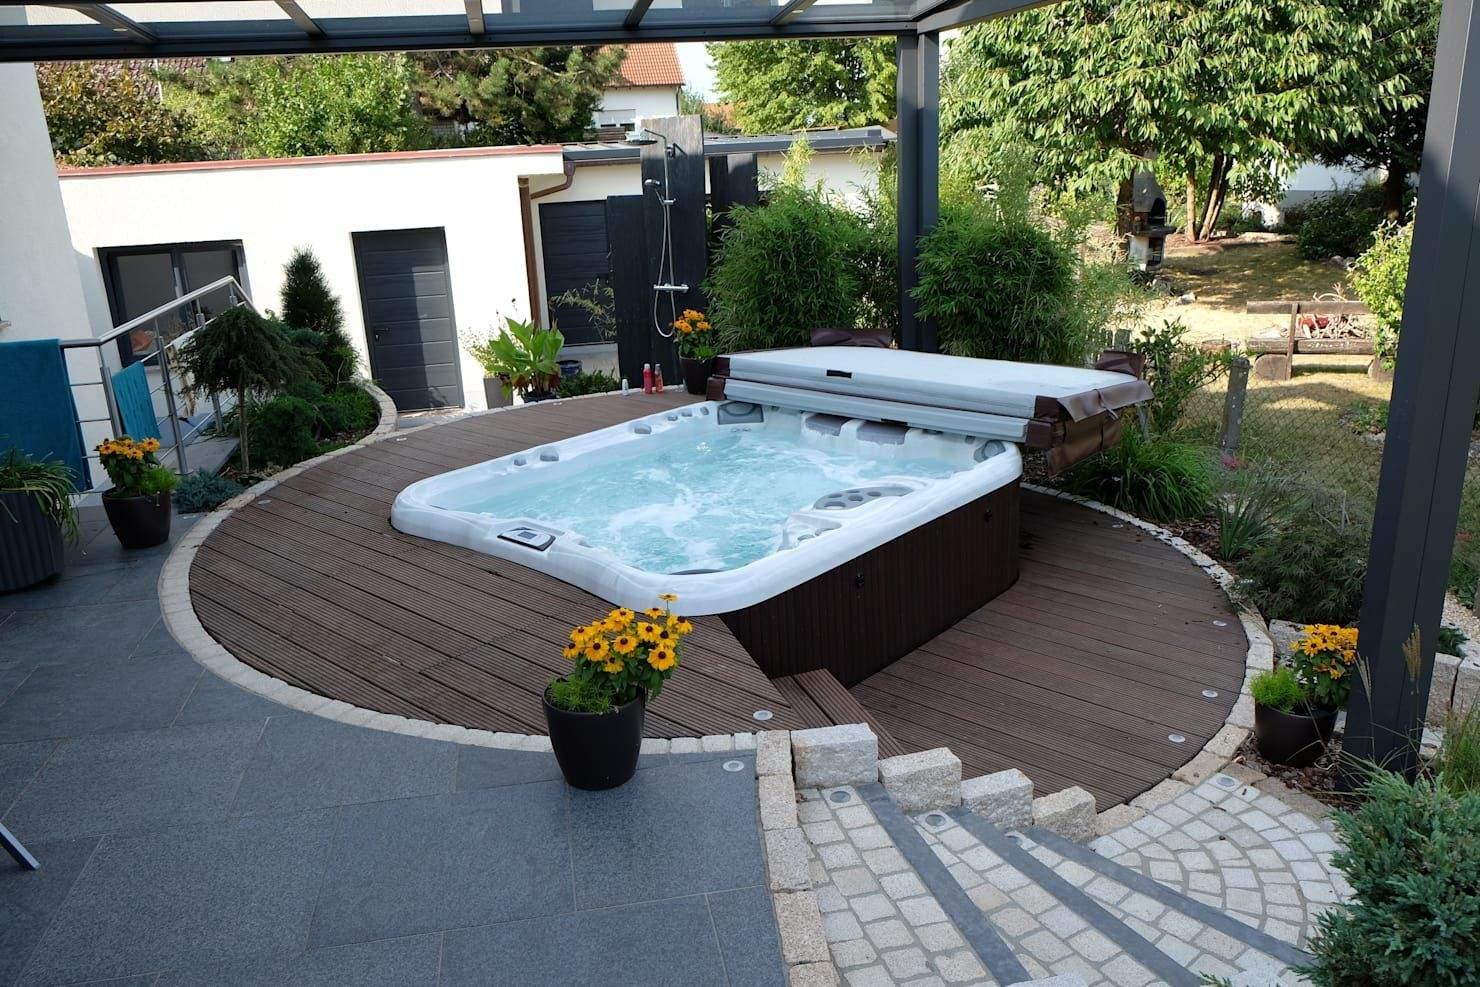 28 Frisch Jacuzzi Garten Luxus Garten Anlegen